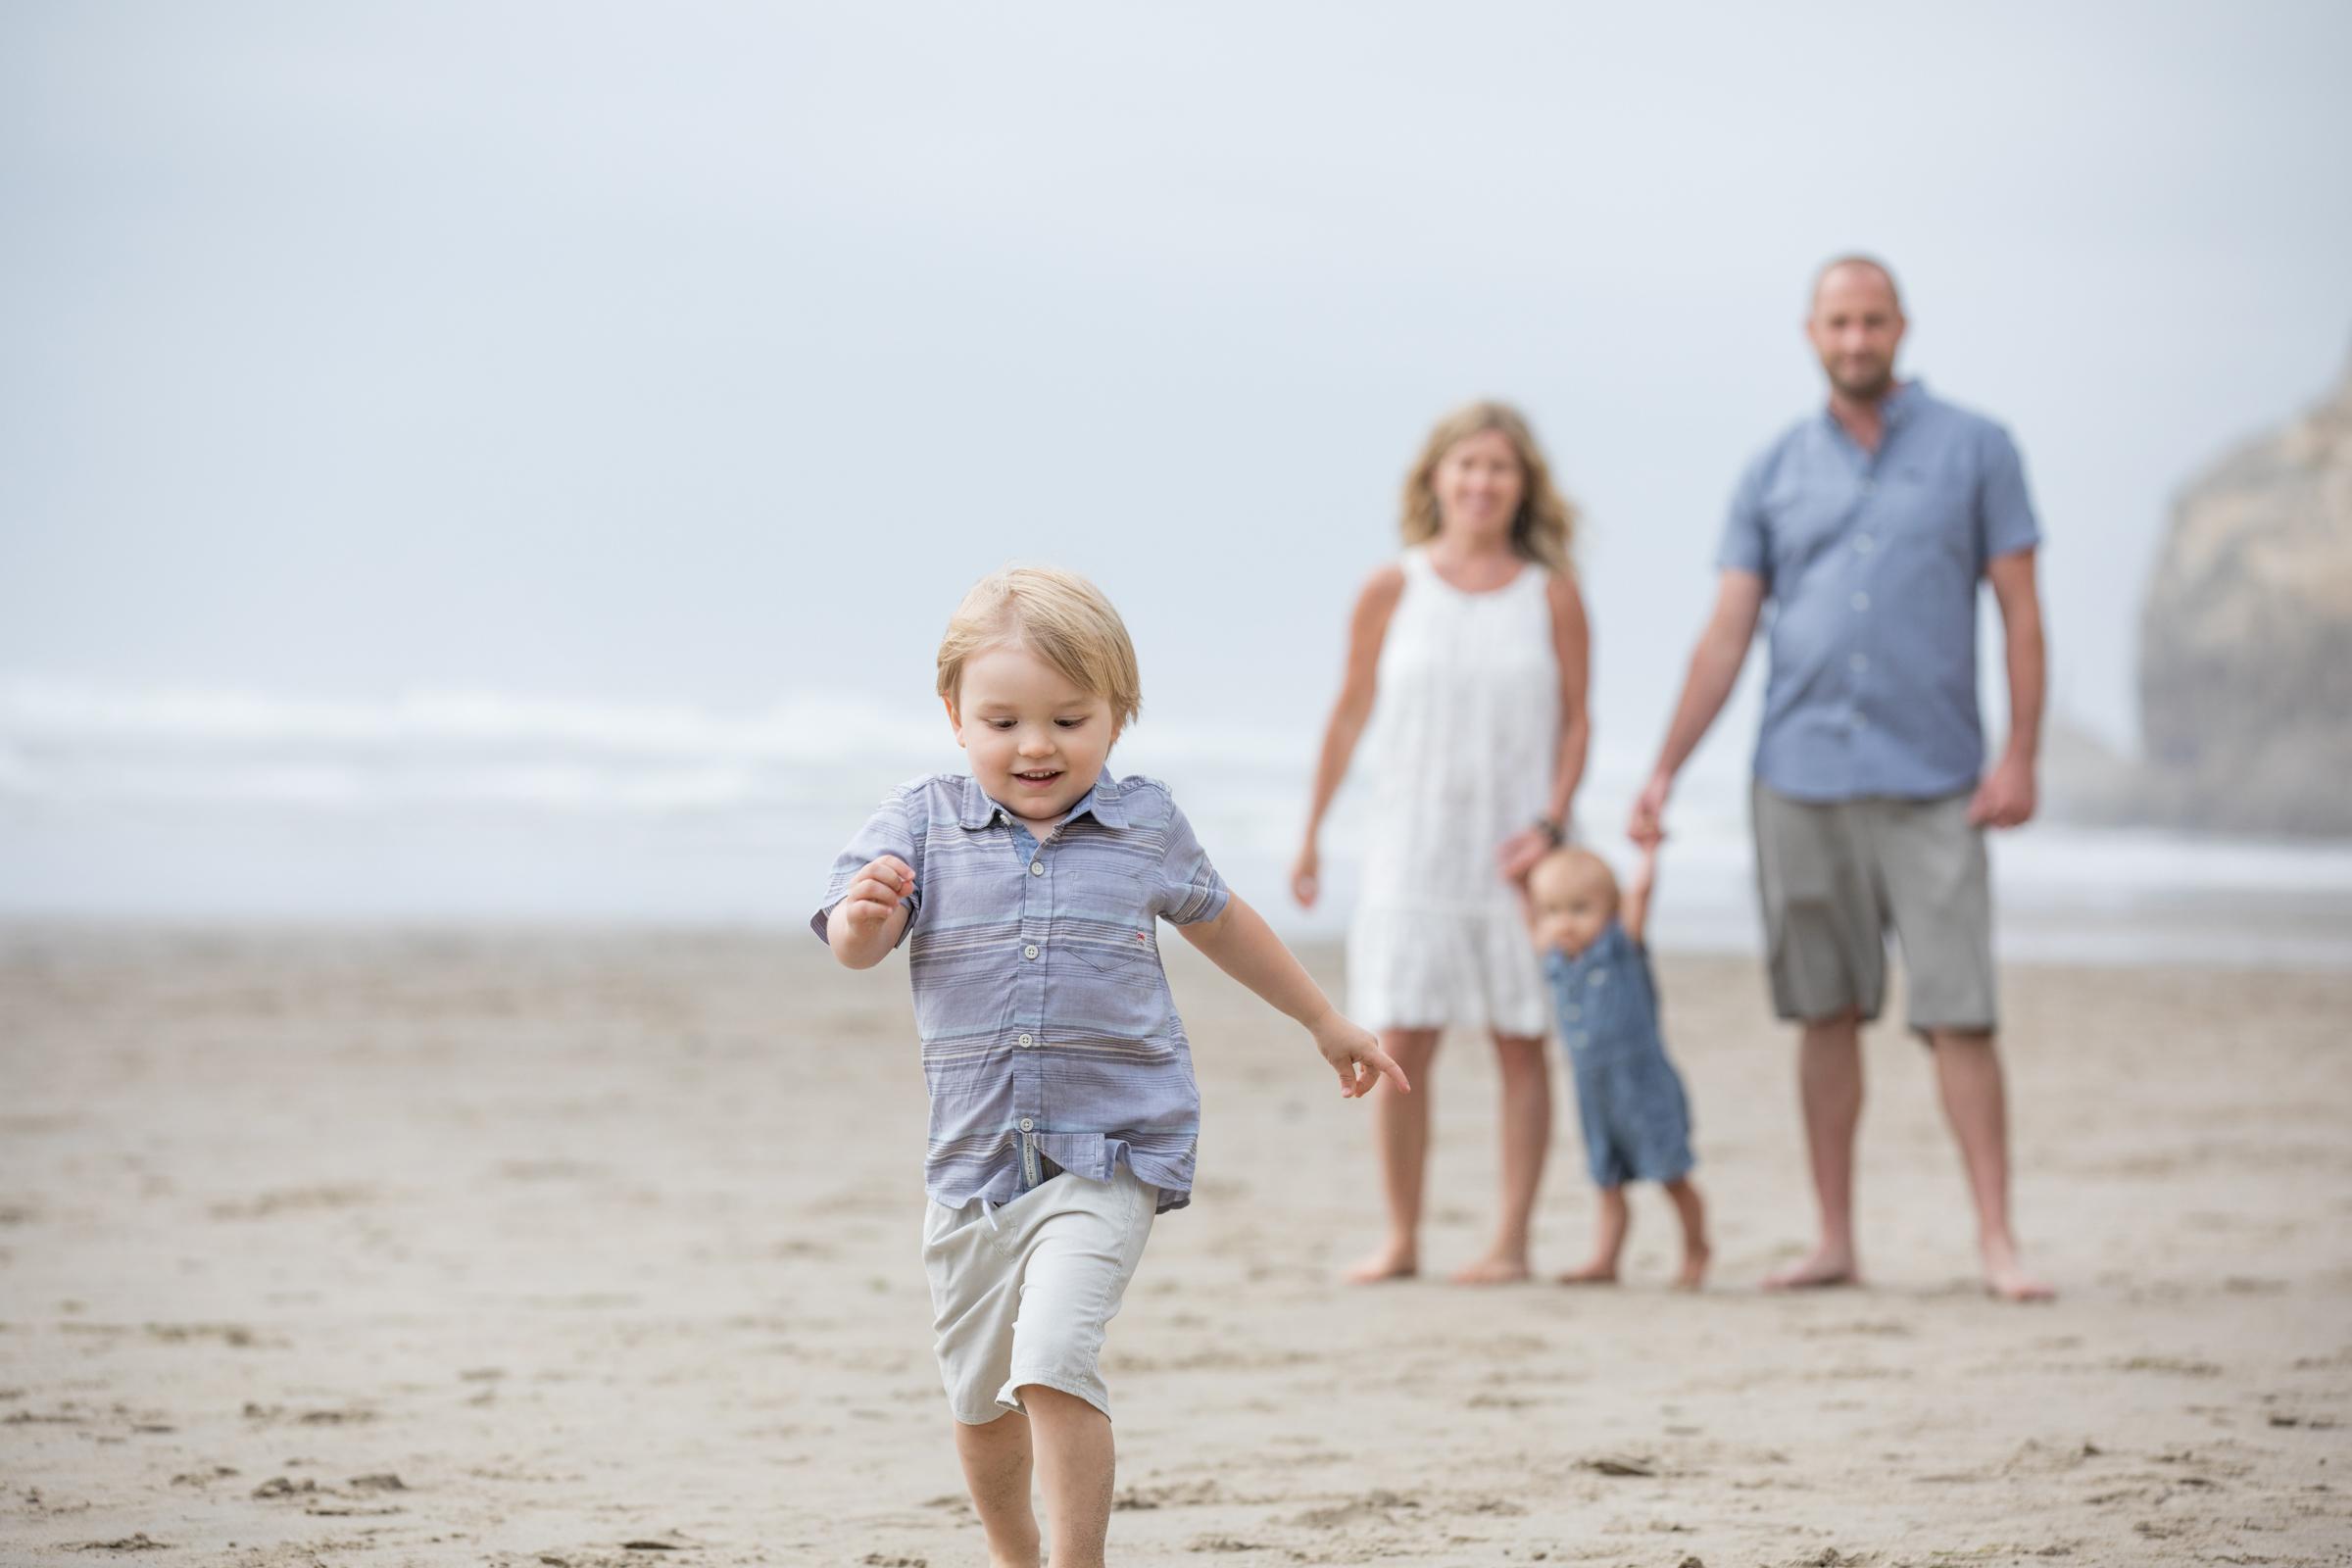 Family_Beach_Fun.jpg